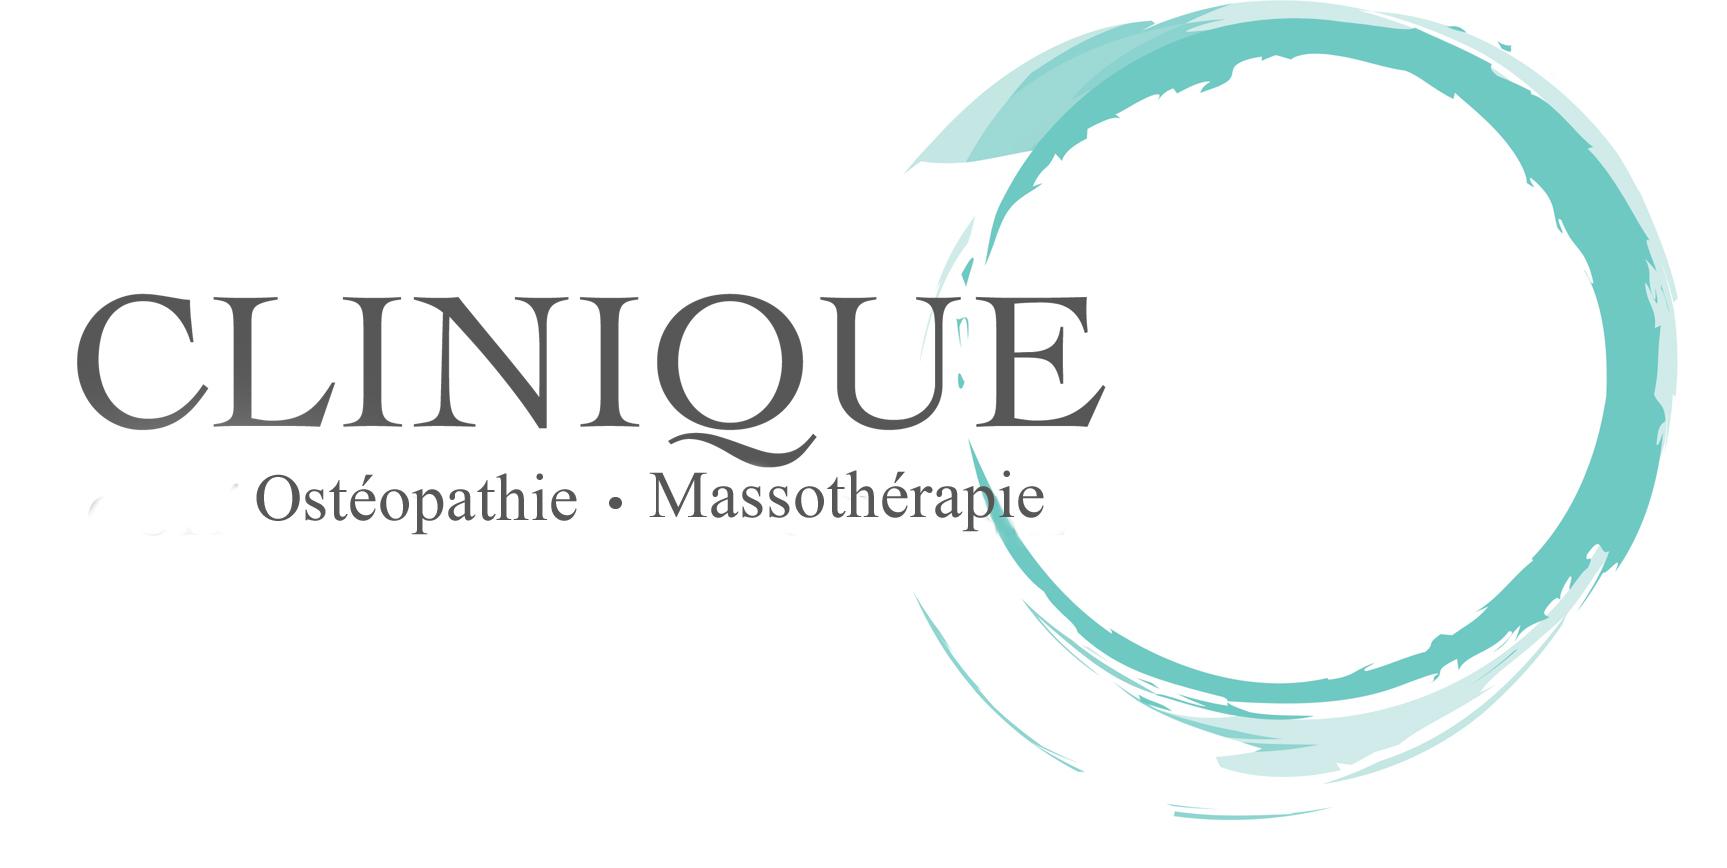 Clinique O ostéopathie